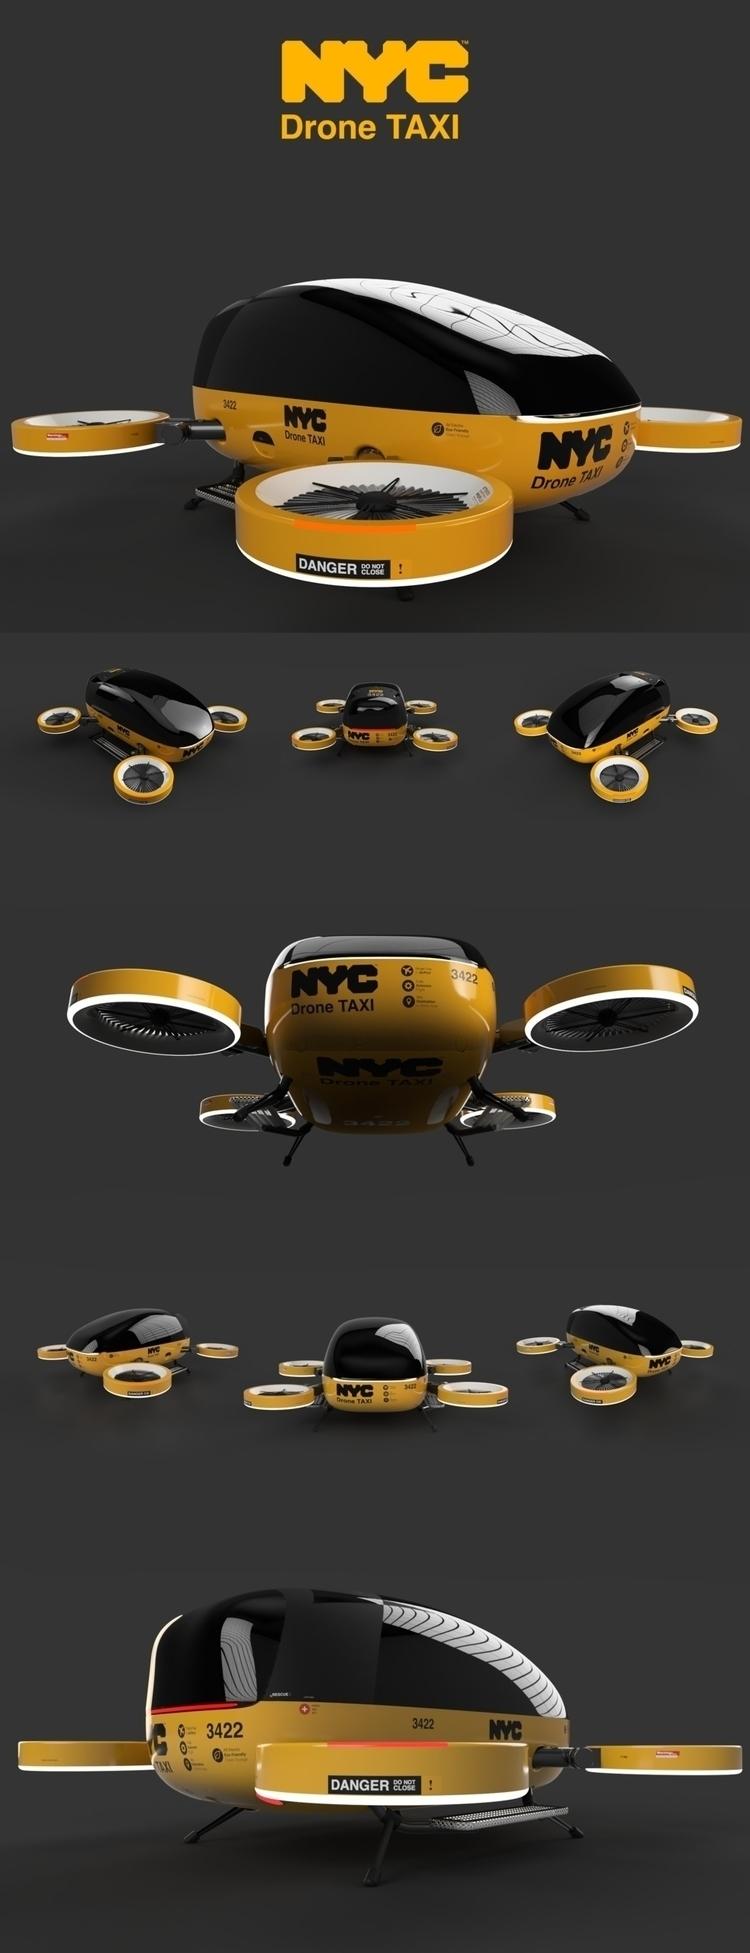 NYC Drone Taxi - emrahserdaroglu | ello